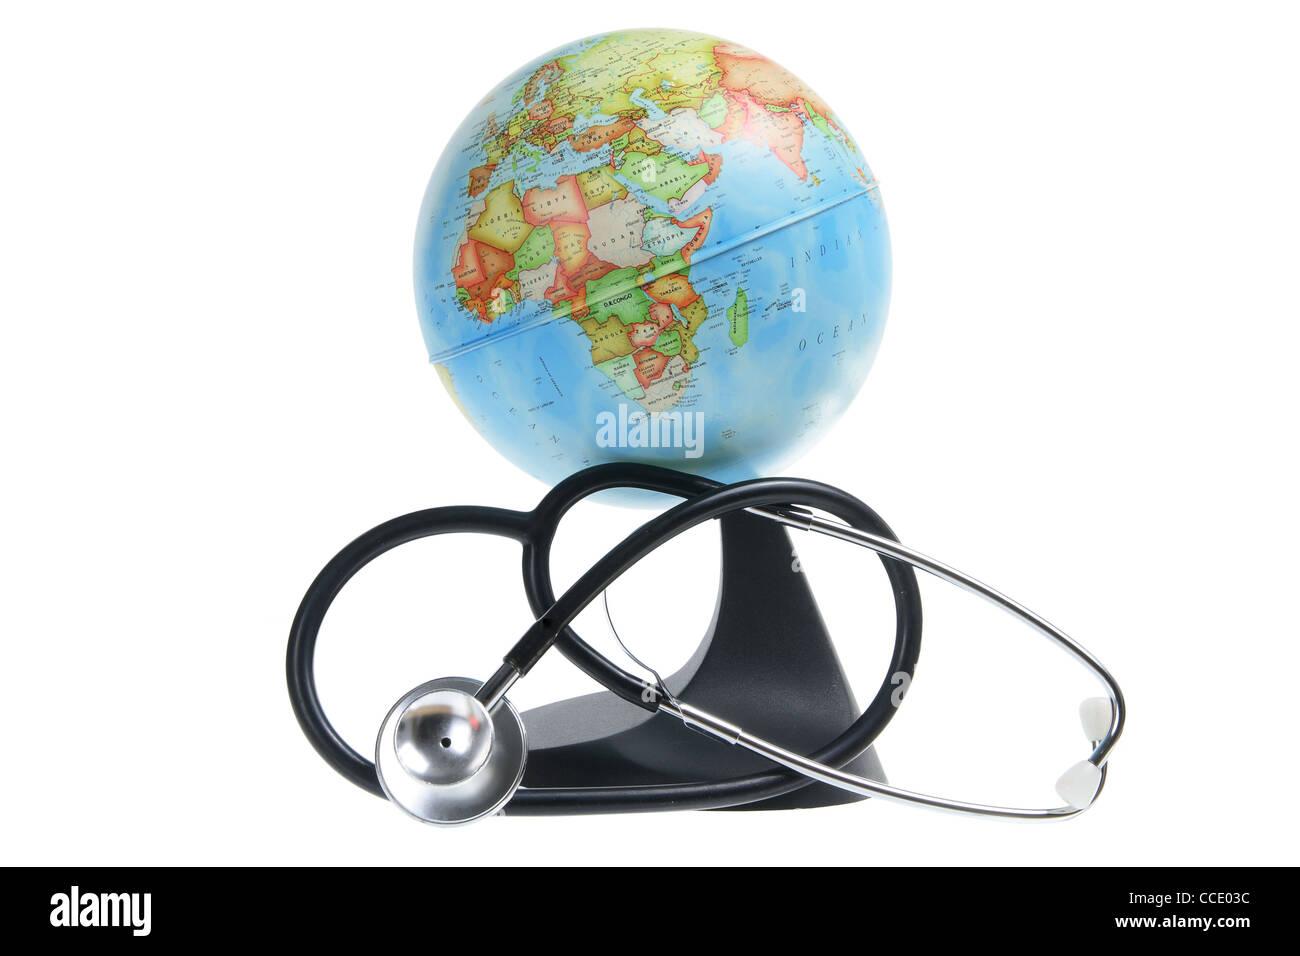 Globe and Stethoscope - Stock Image